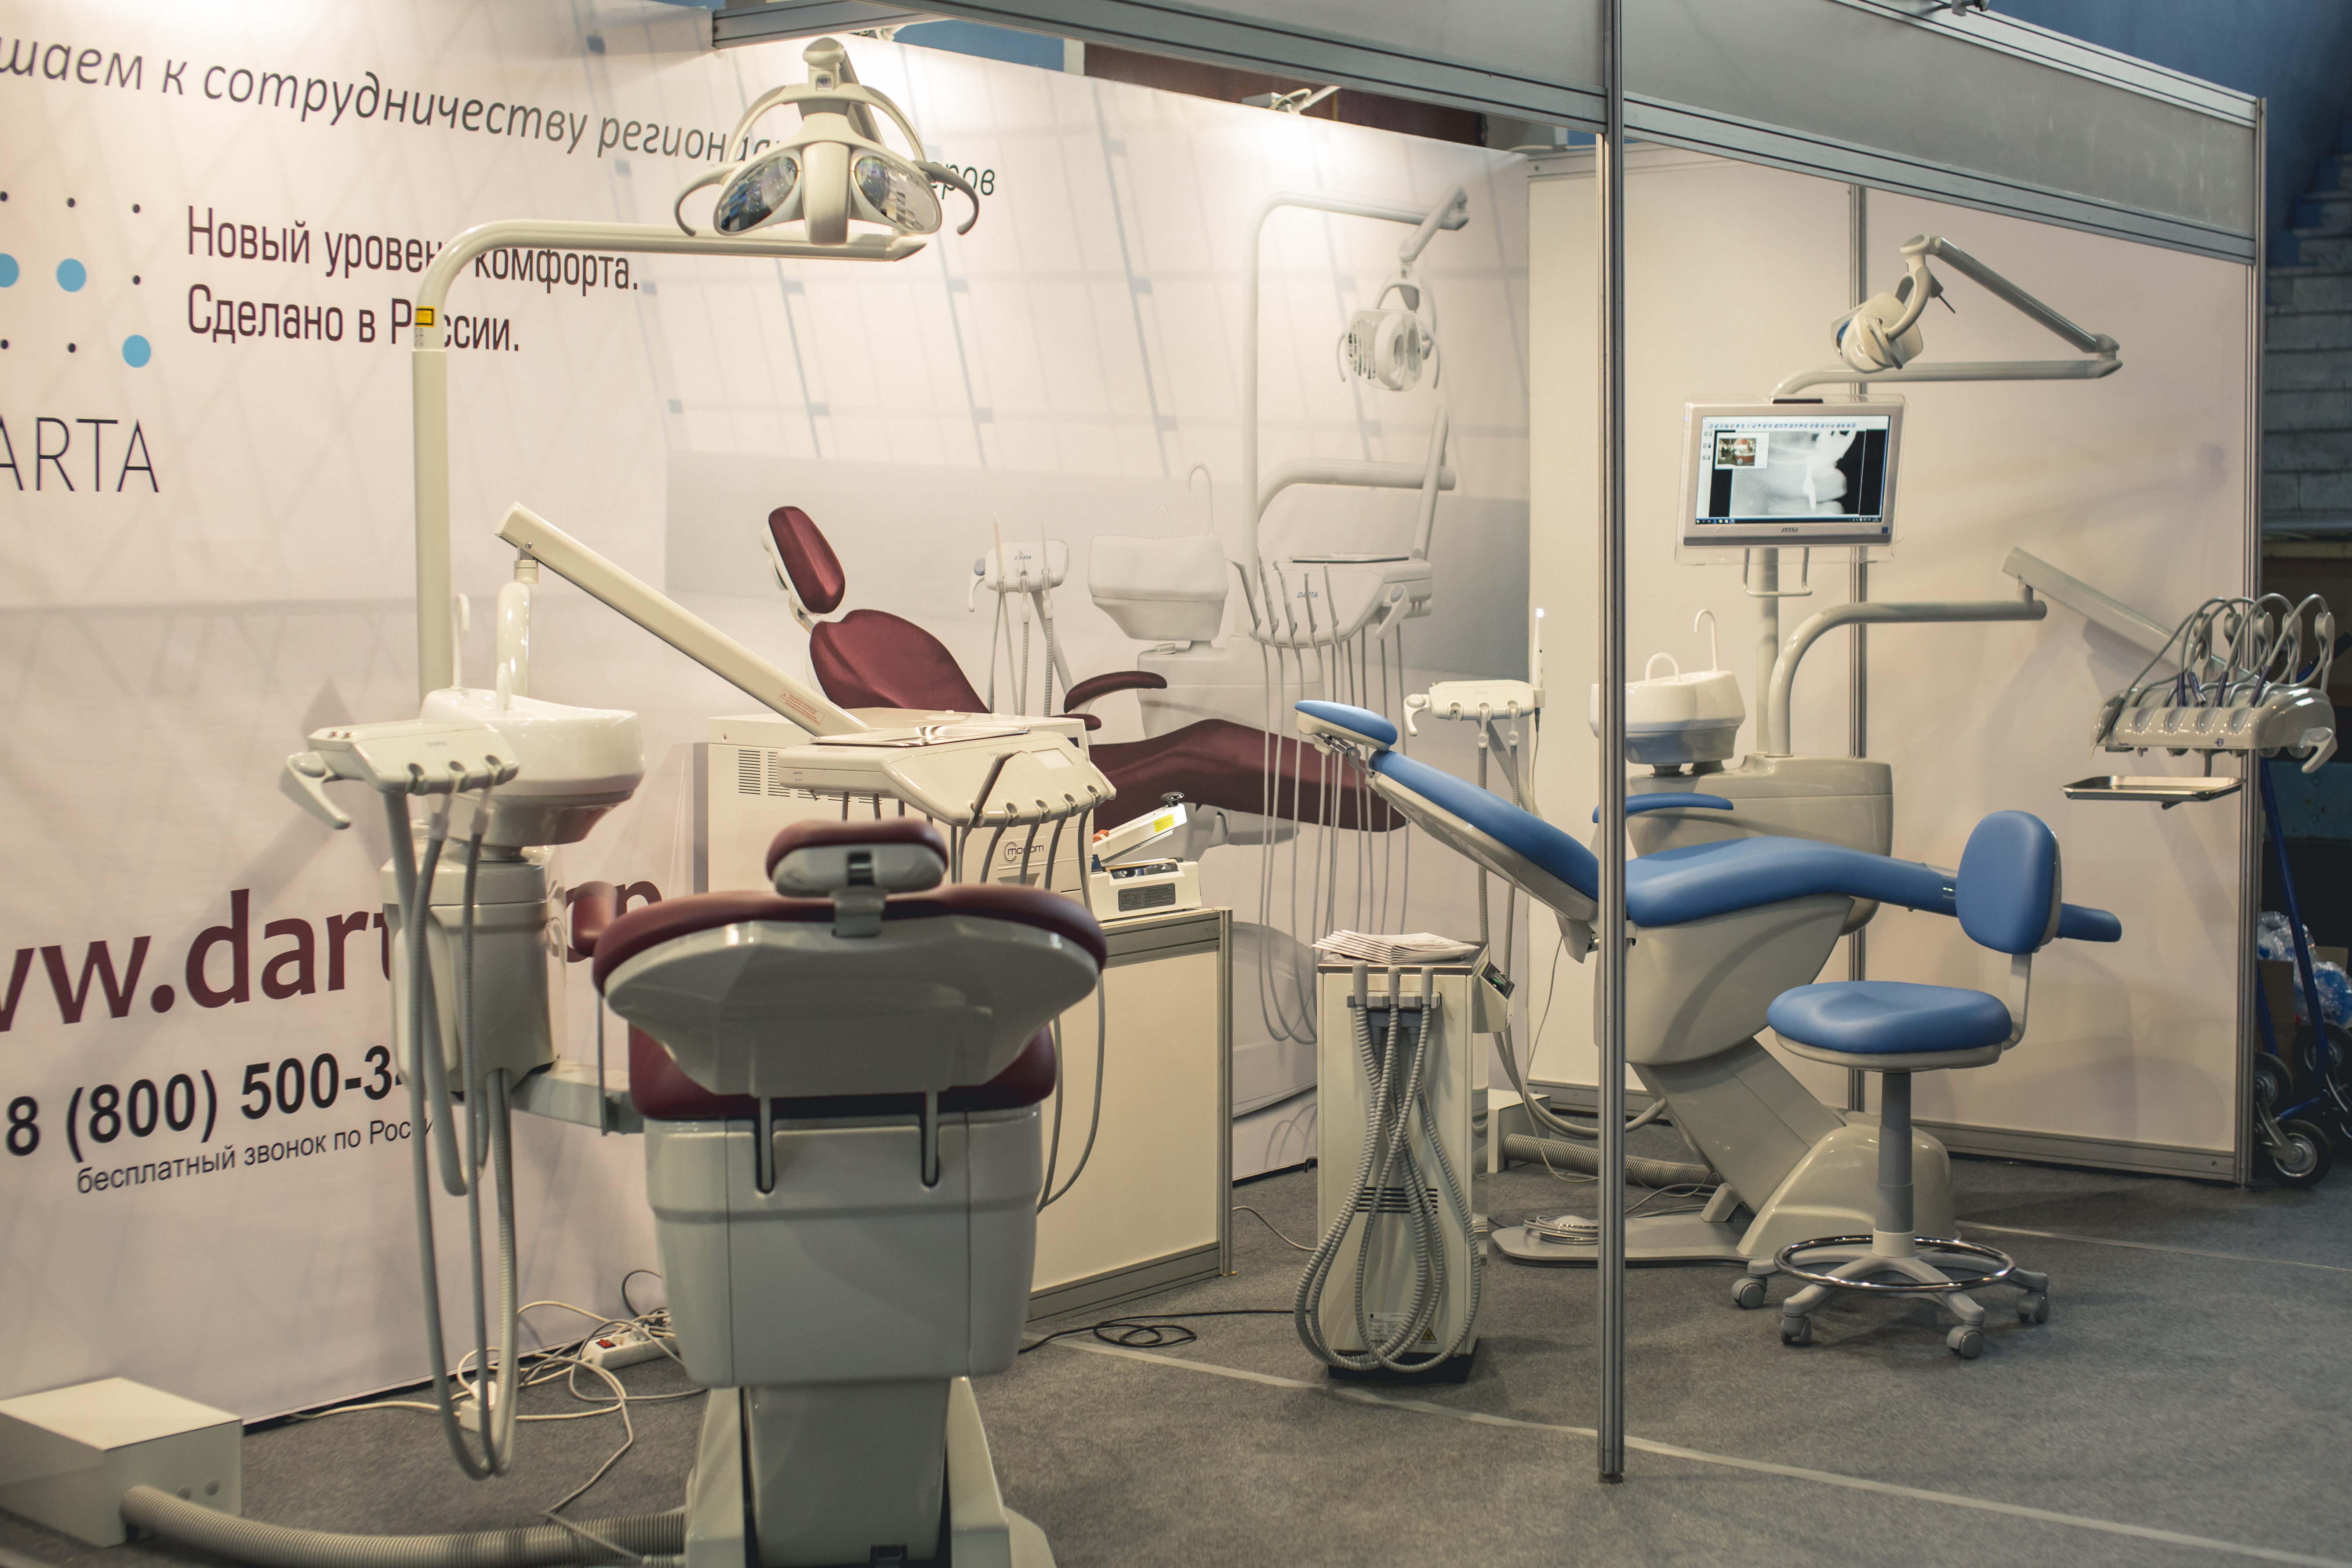 Стоматологическое кресло купить в Москве